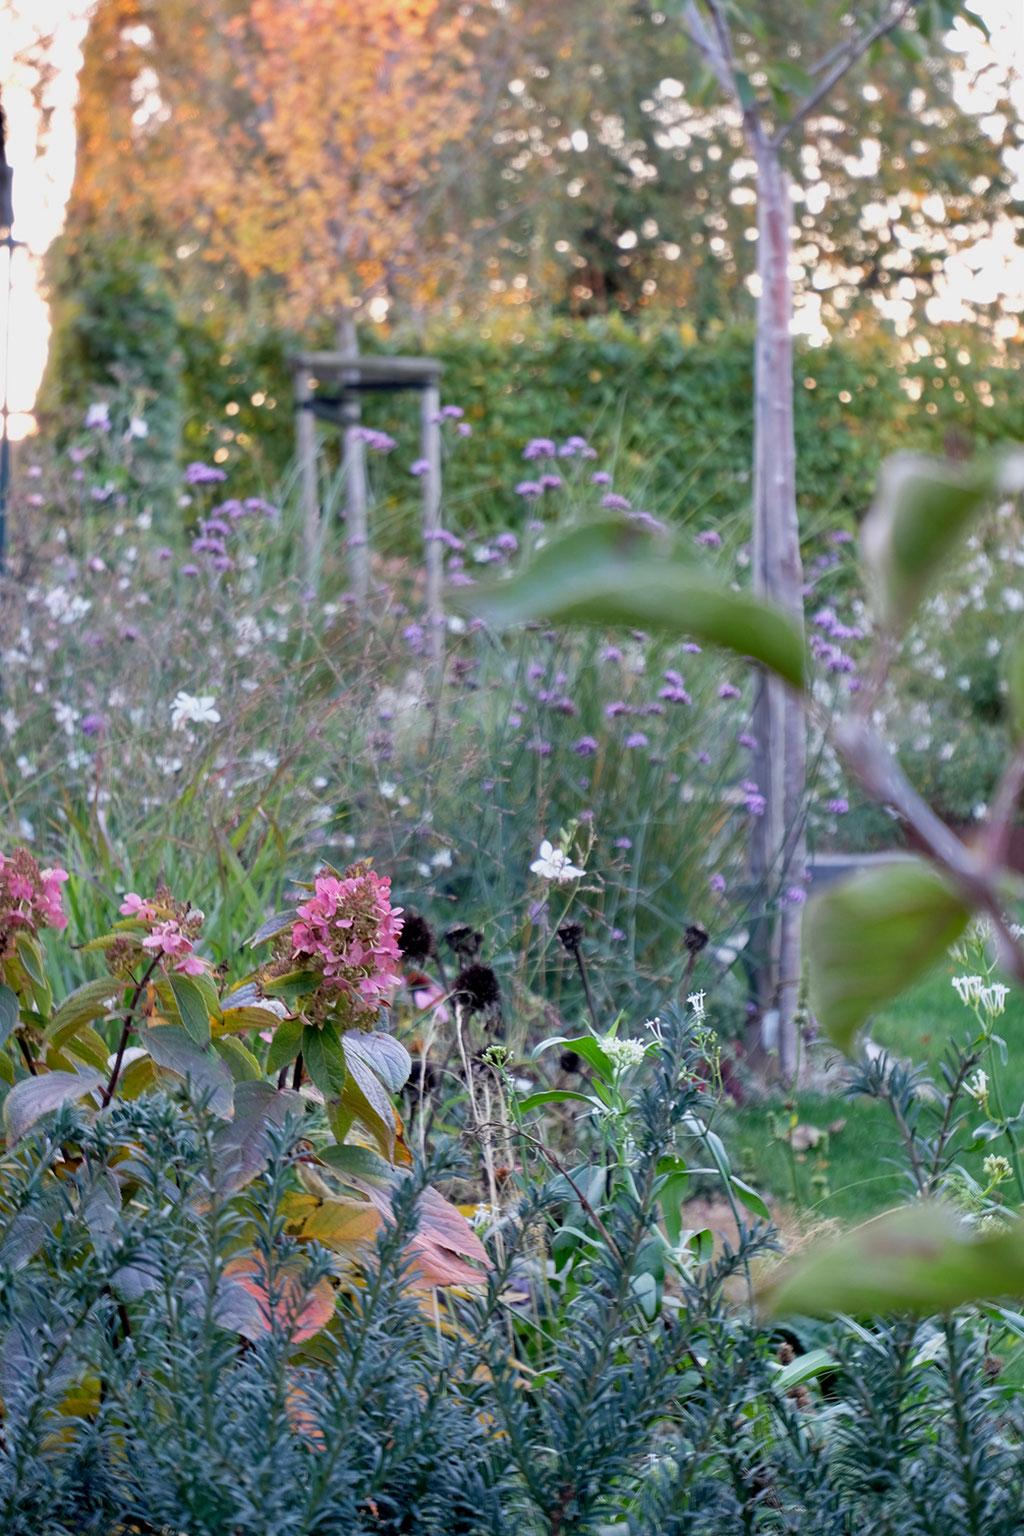 dieartigeGARTEN - Oktobergarten | an den Rispenhortensien vorbei, Im Hintergrund Eisenkraut